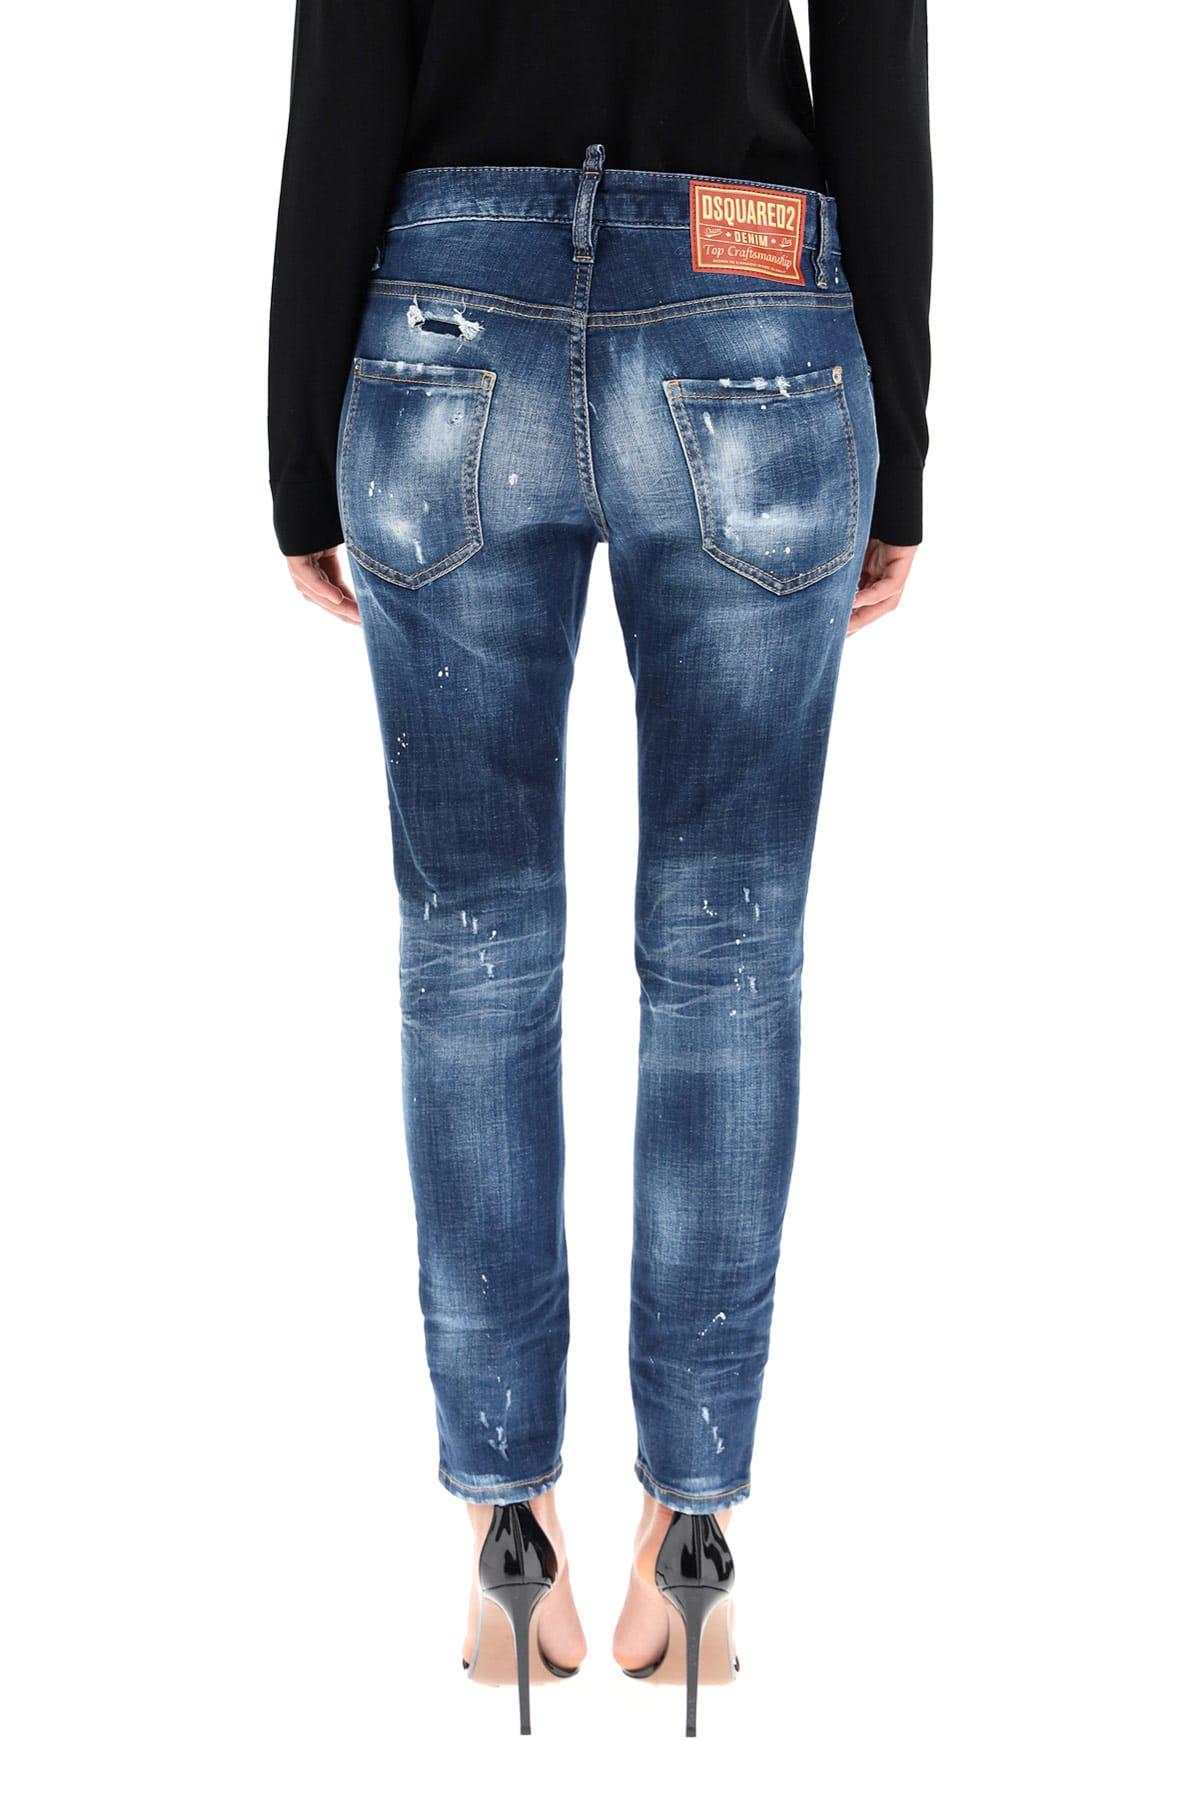 Best Authentic Dsquared2 Jeans